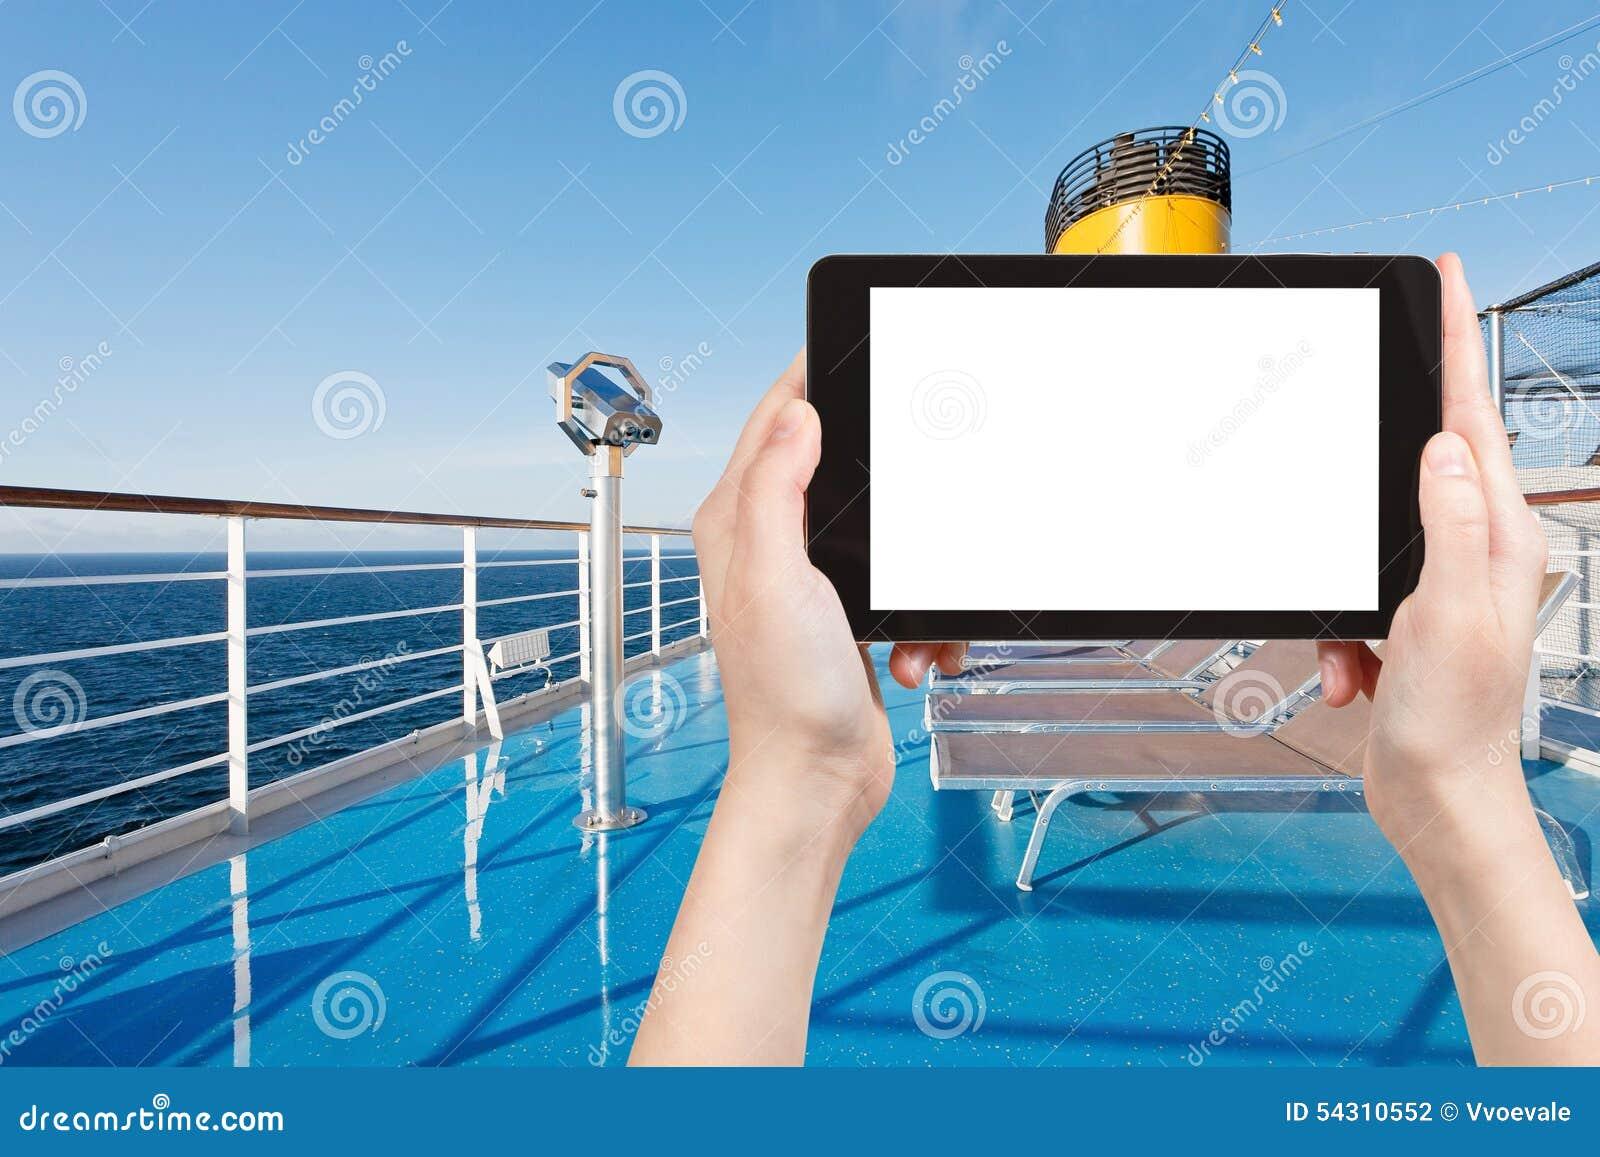 Sunbath椅子照片在巡航划线员甲板的